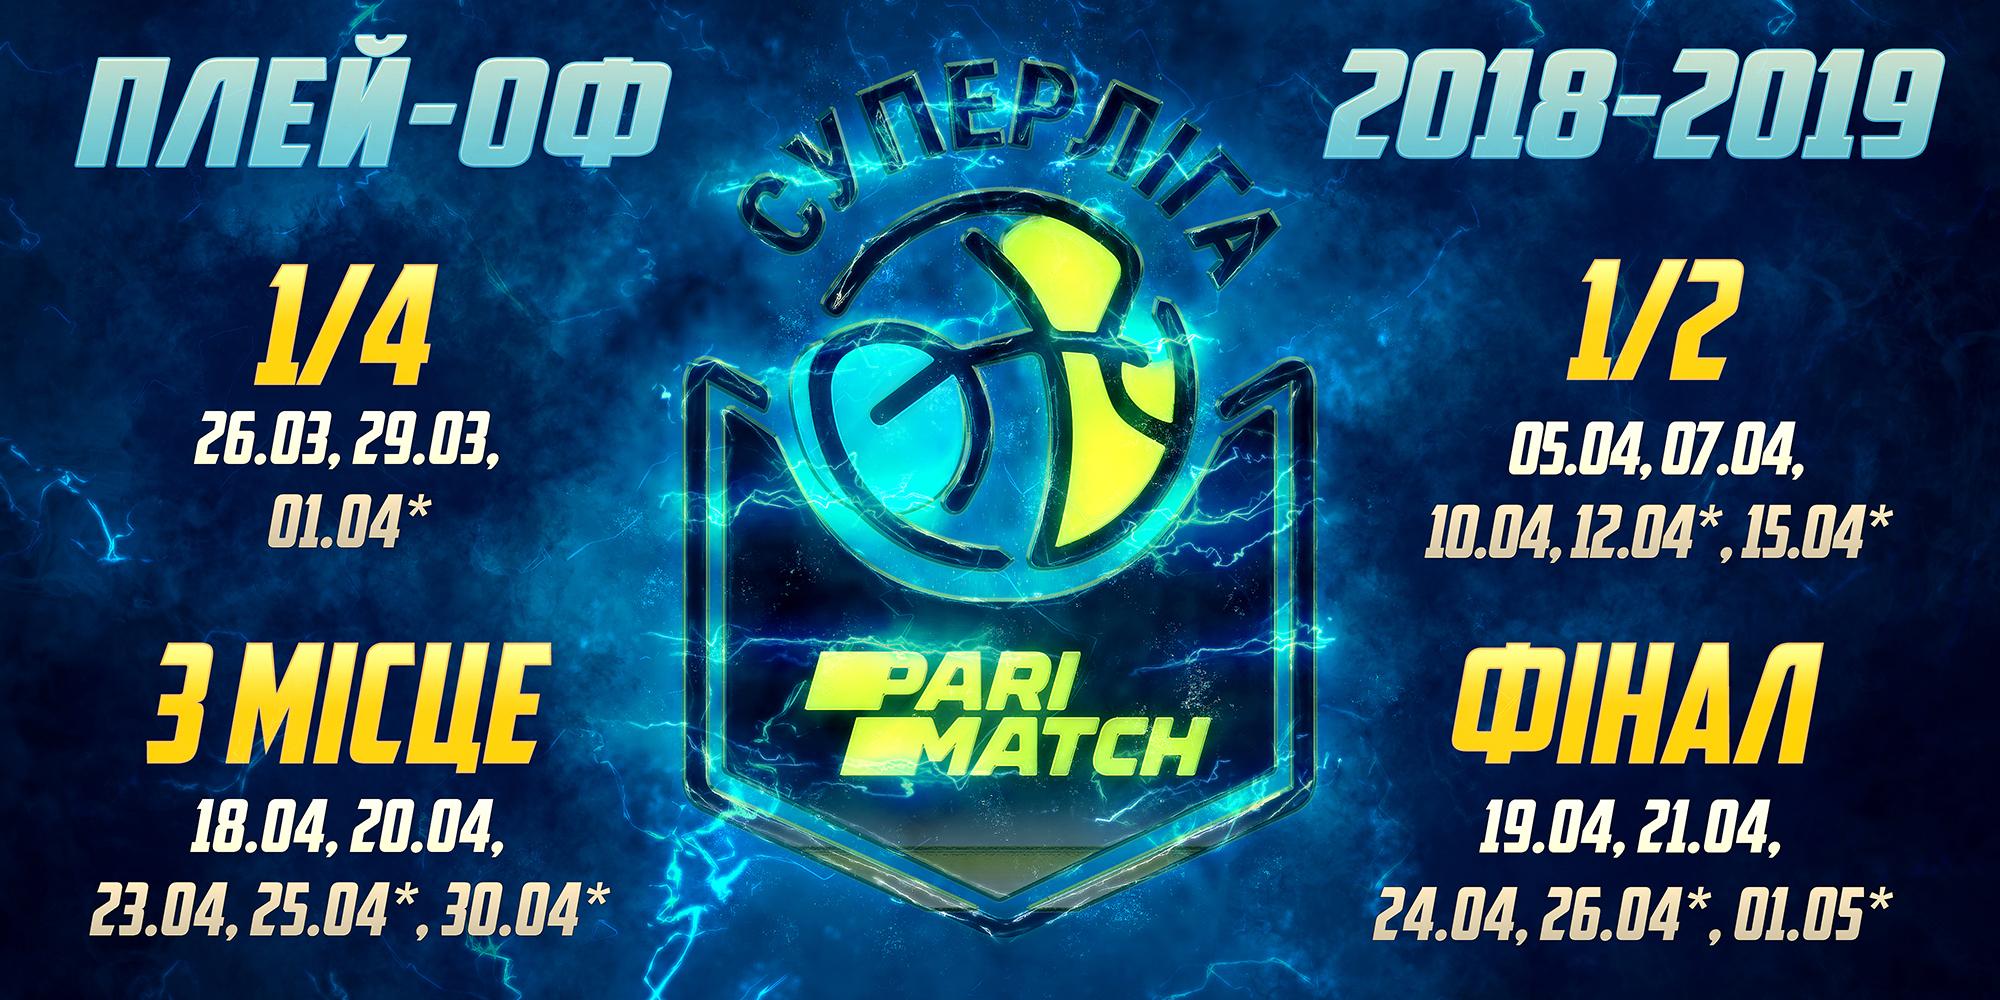 Розклад матчів плей-оф Суперліги Парі-Матч